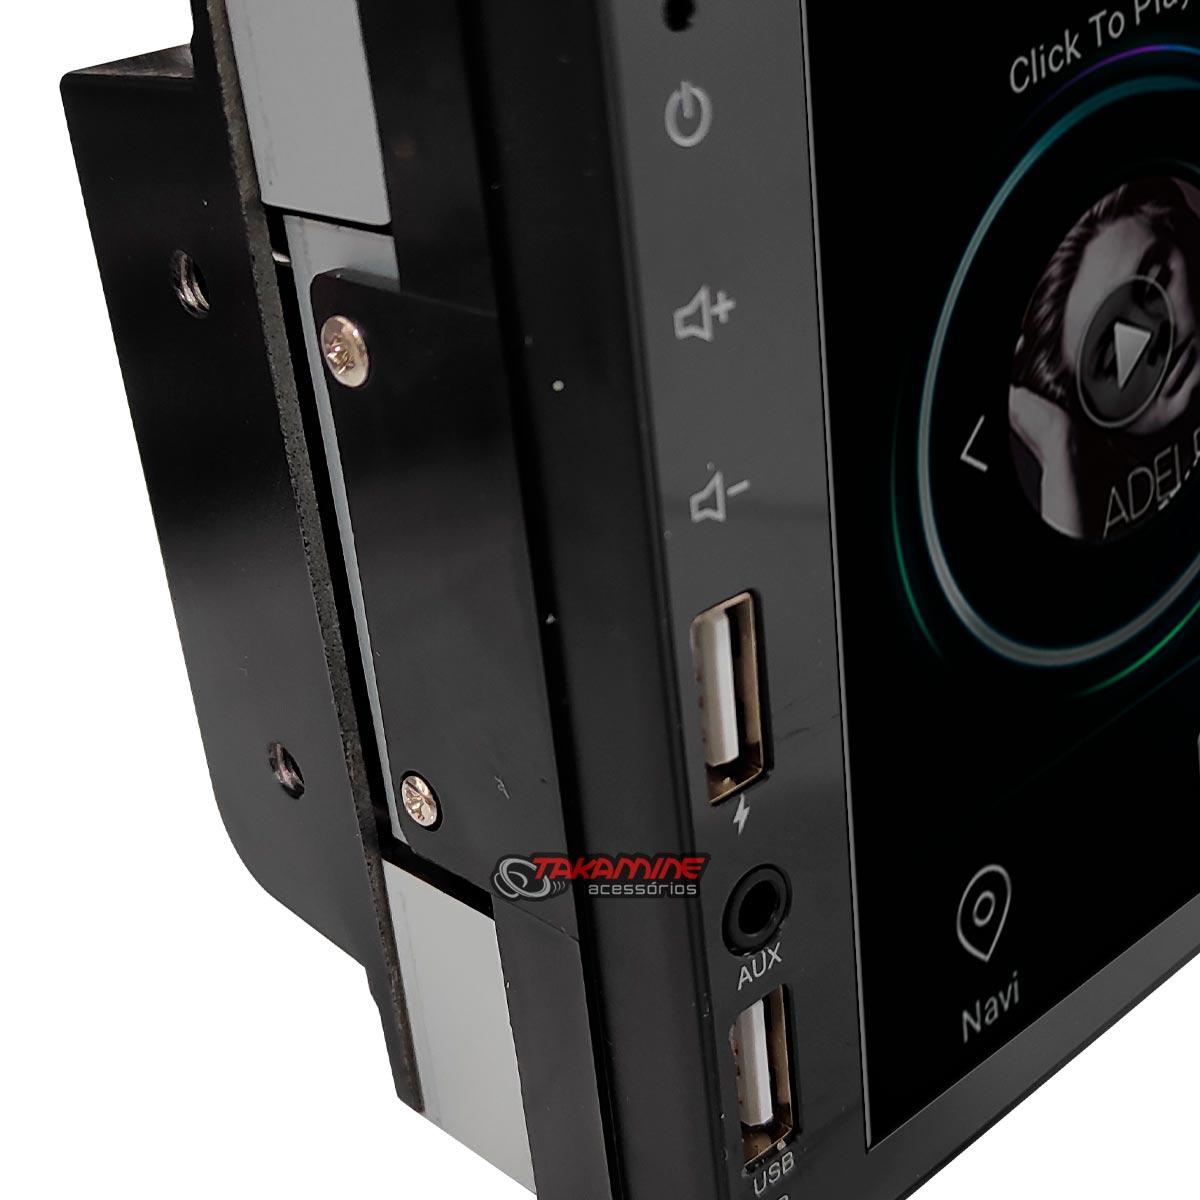 Aparelho 2 Din MP5 sistema Android com Bluetooth 2 entradas USB wifi integrado